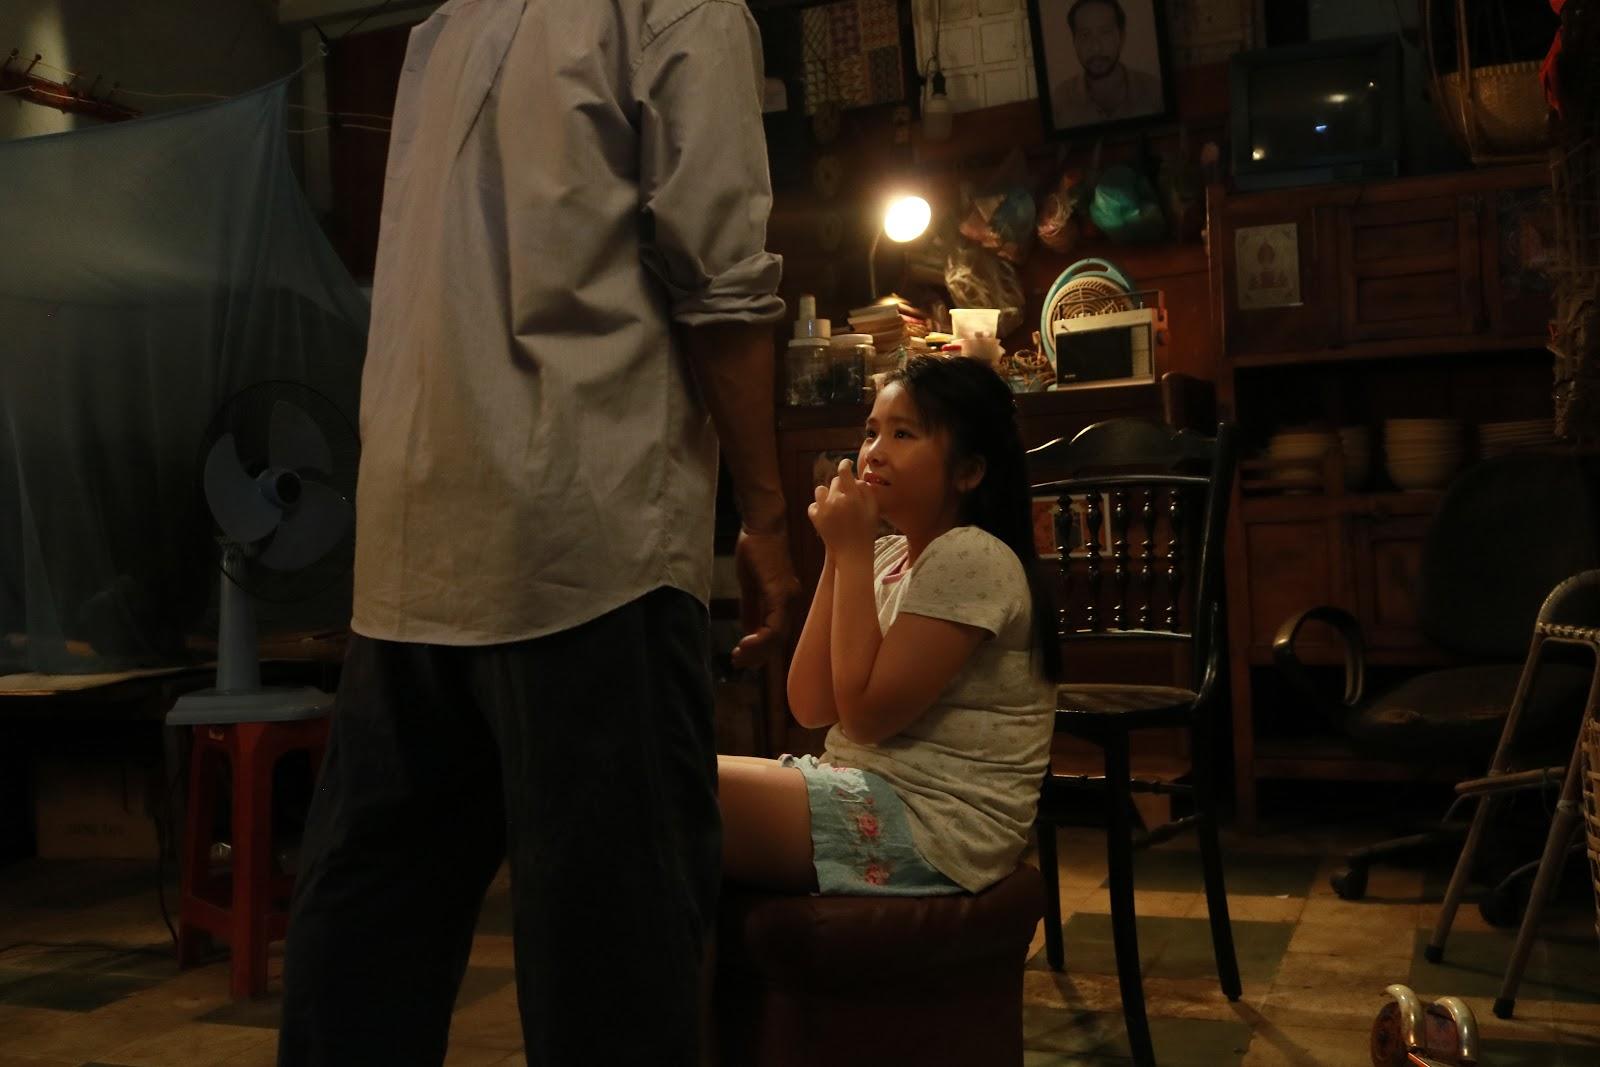 Huỳnh James-Pjnboys kể câu chuyện ám ảnh về nạn ấu dâm trong MV mới